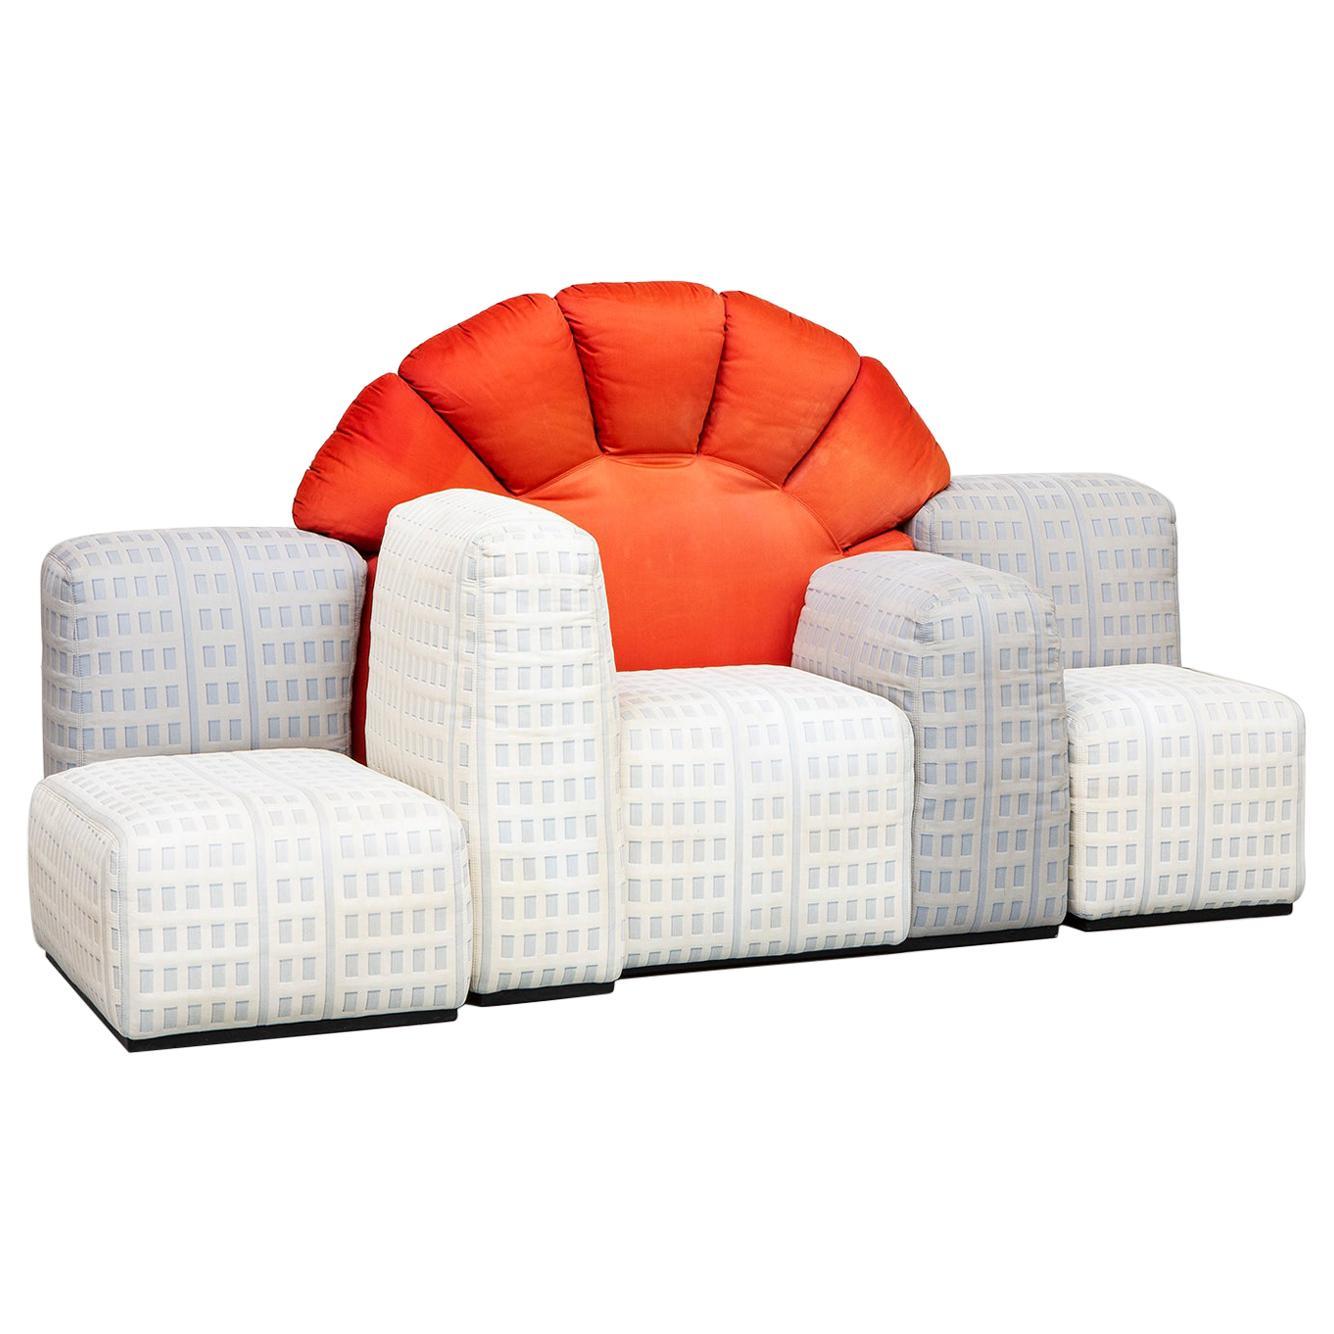 Tramonto a New York Modular Sofa Designed by Gaetano Pesce for Cassina, 1984